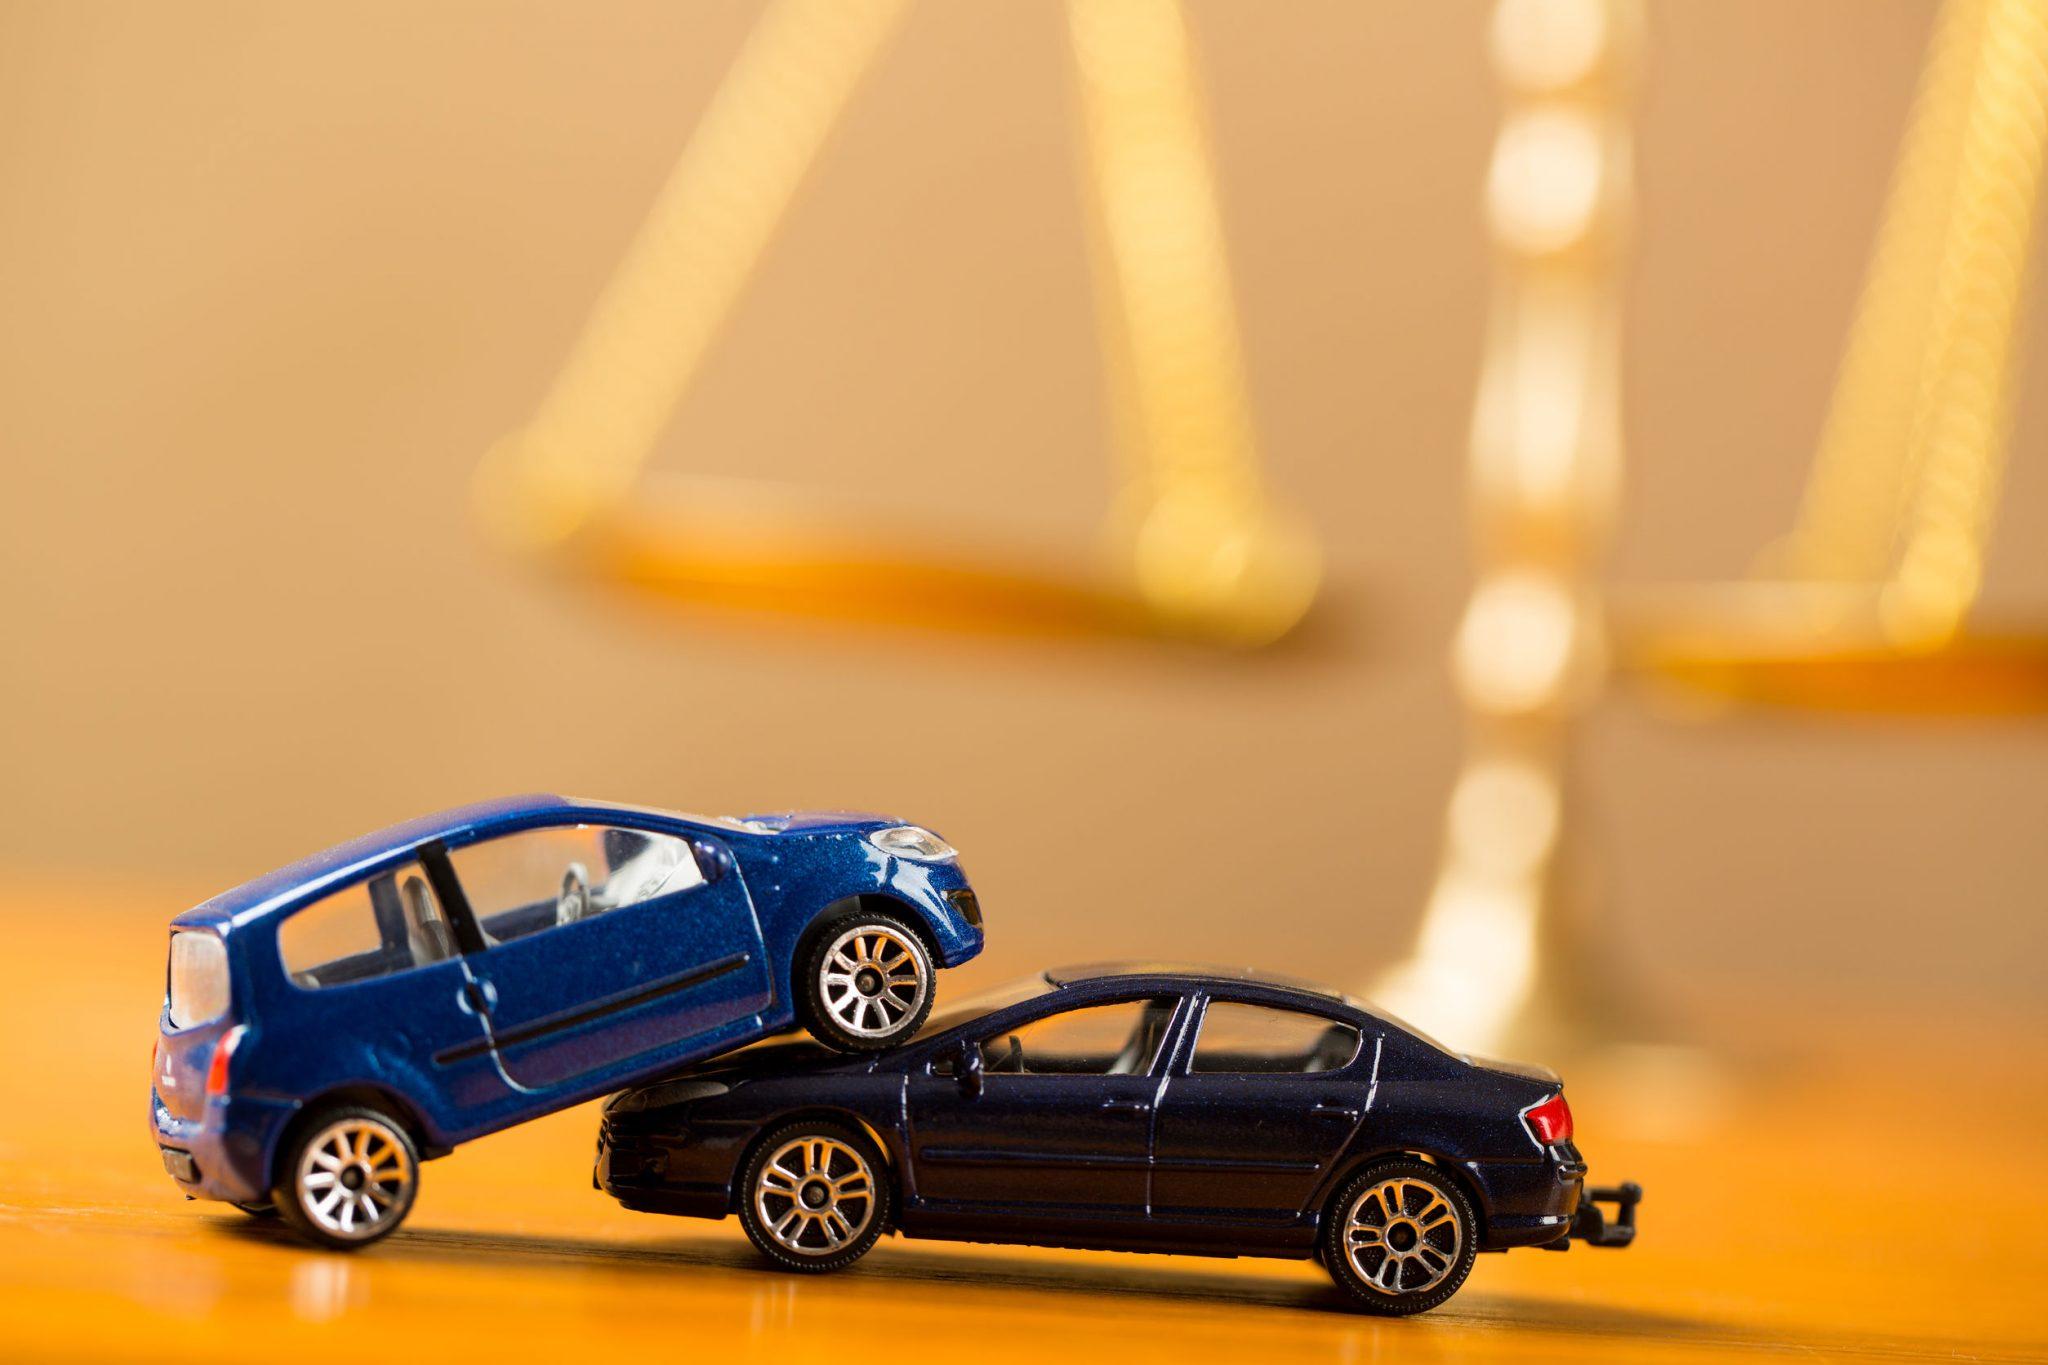 Achat automobile : les nouveautés fiscales 2018